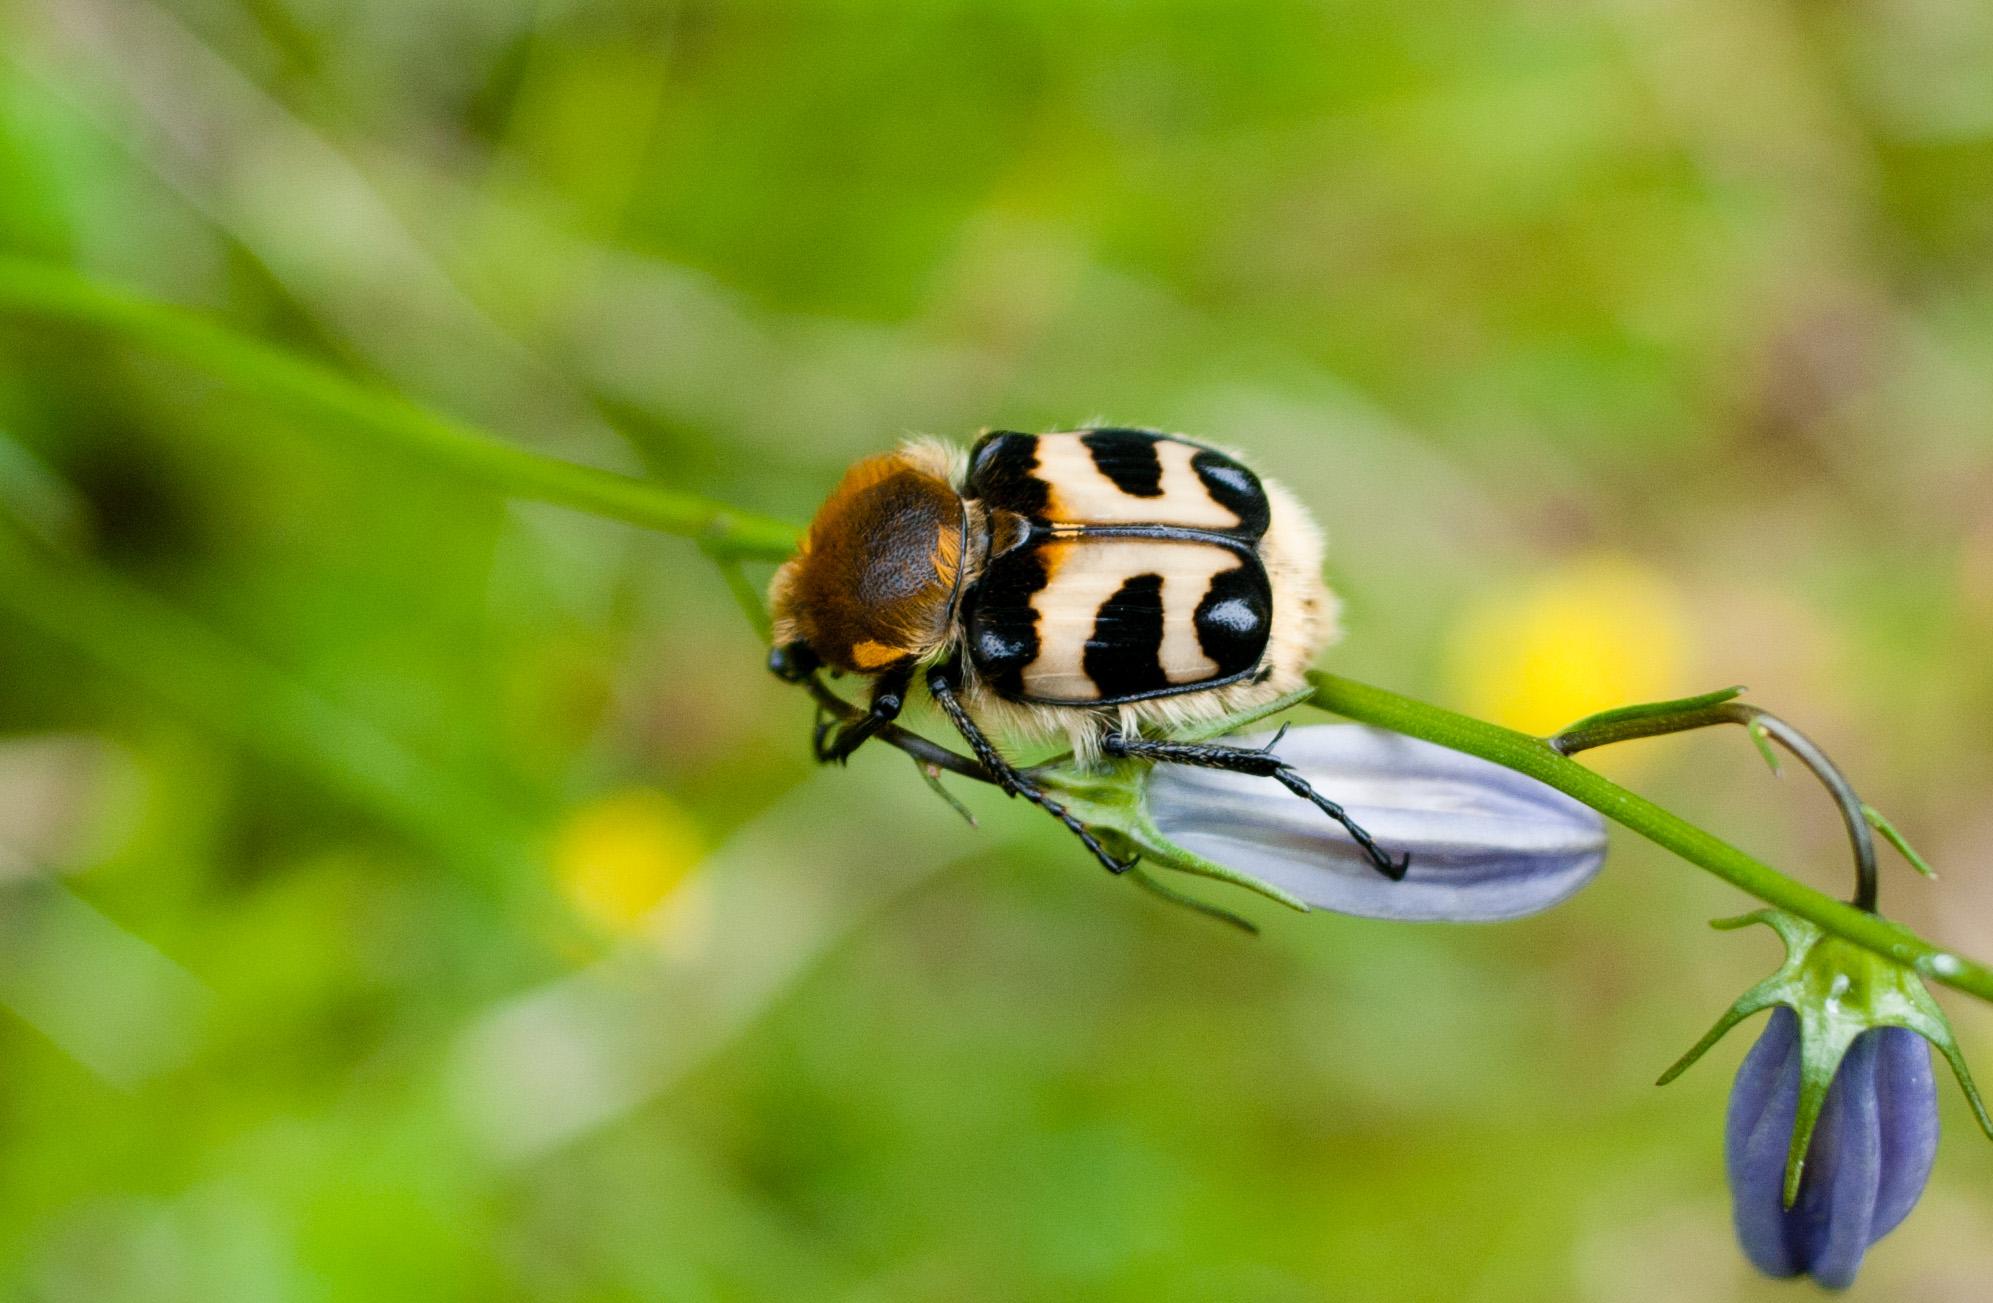 местных картинка жук летит к цветку поезде, соседка плацкарту